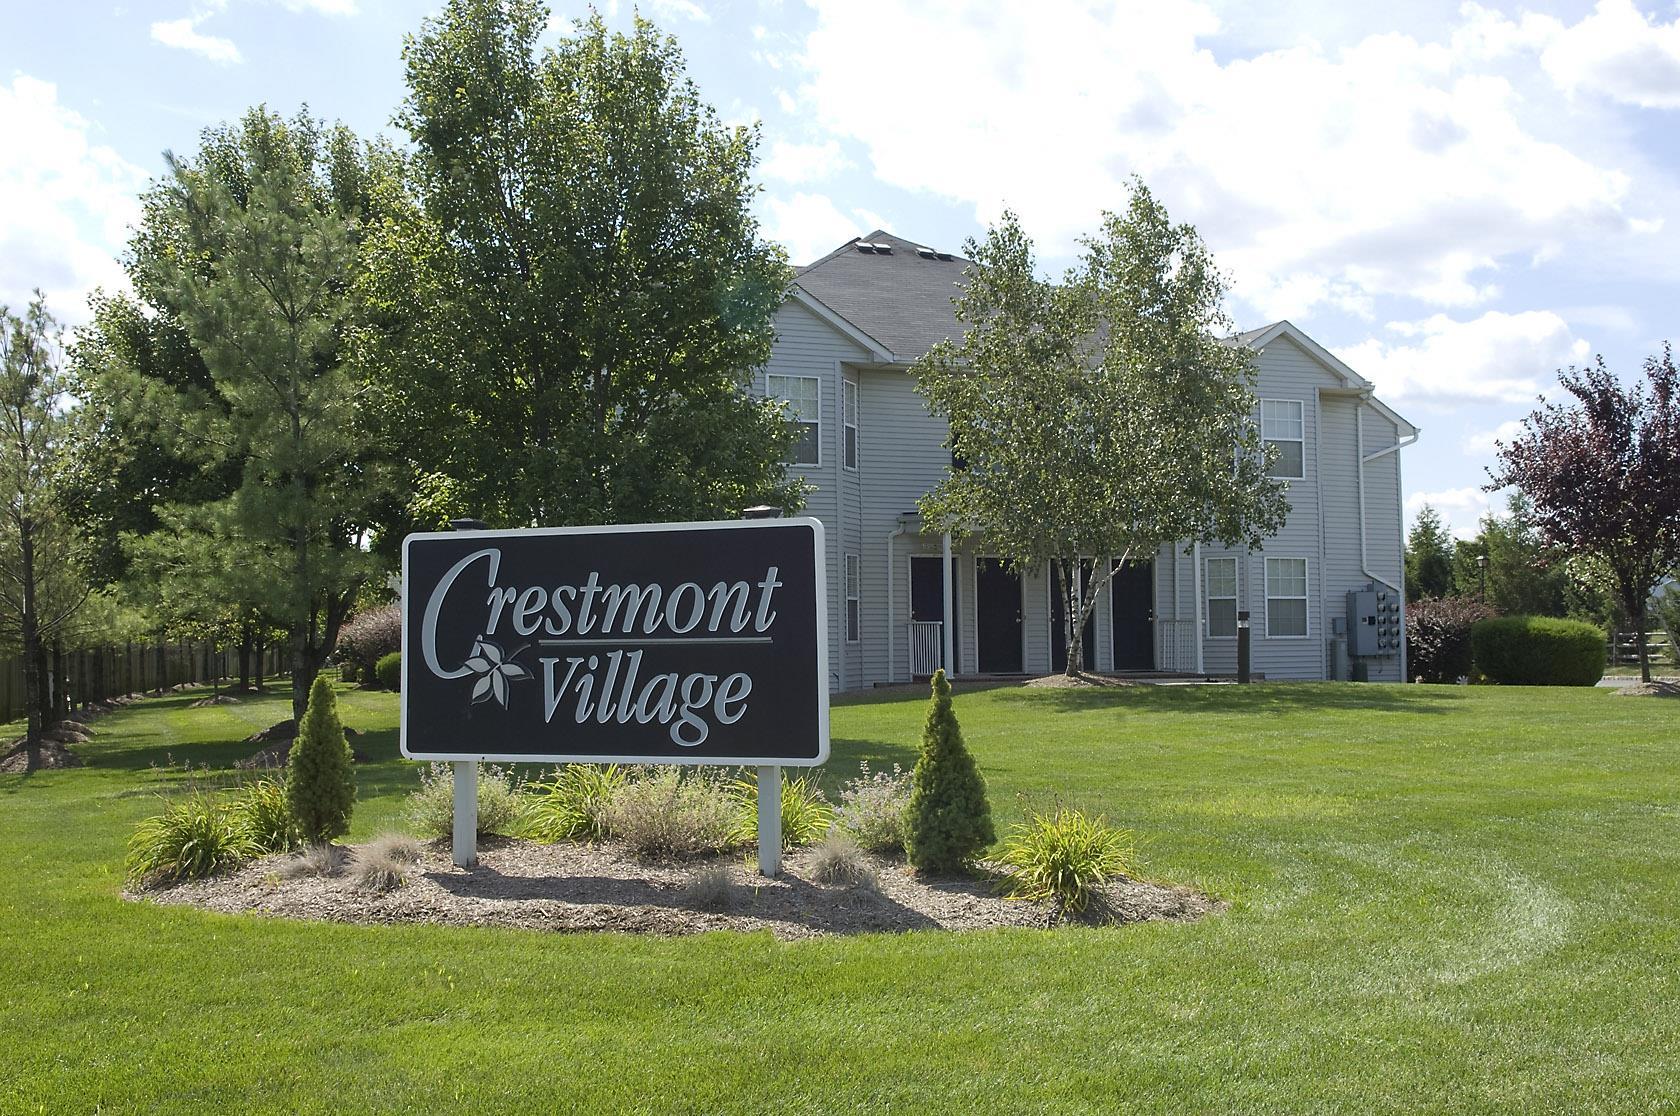 Images of Crestmont Village, LLC